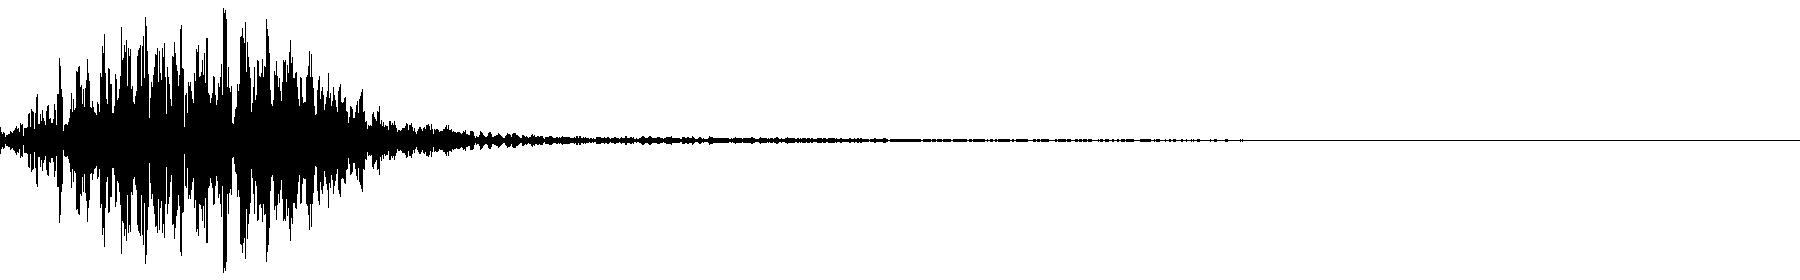 vedh synth cut 103 amaj7